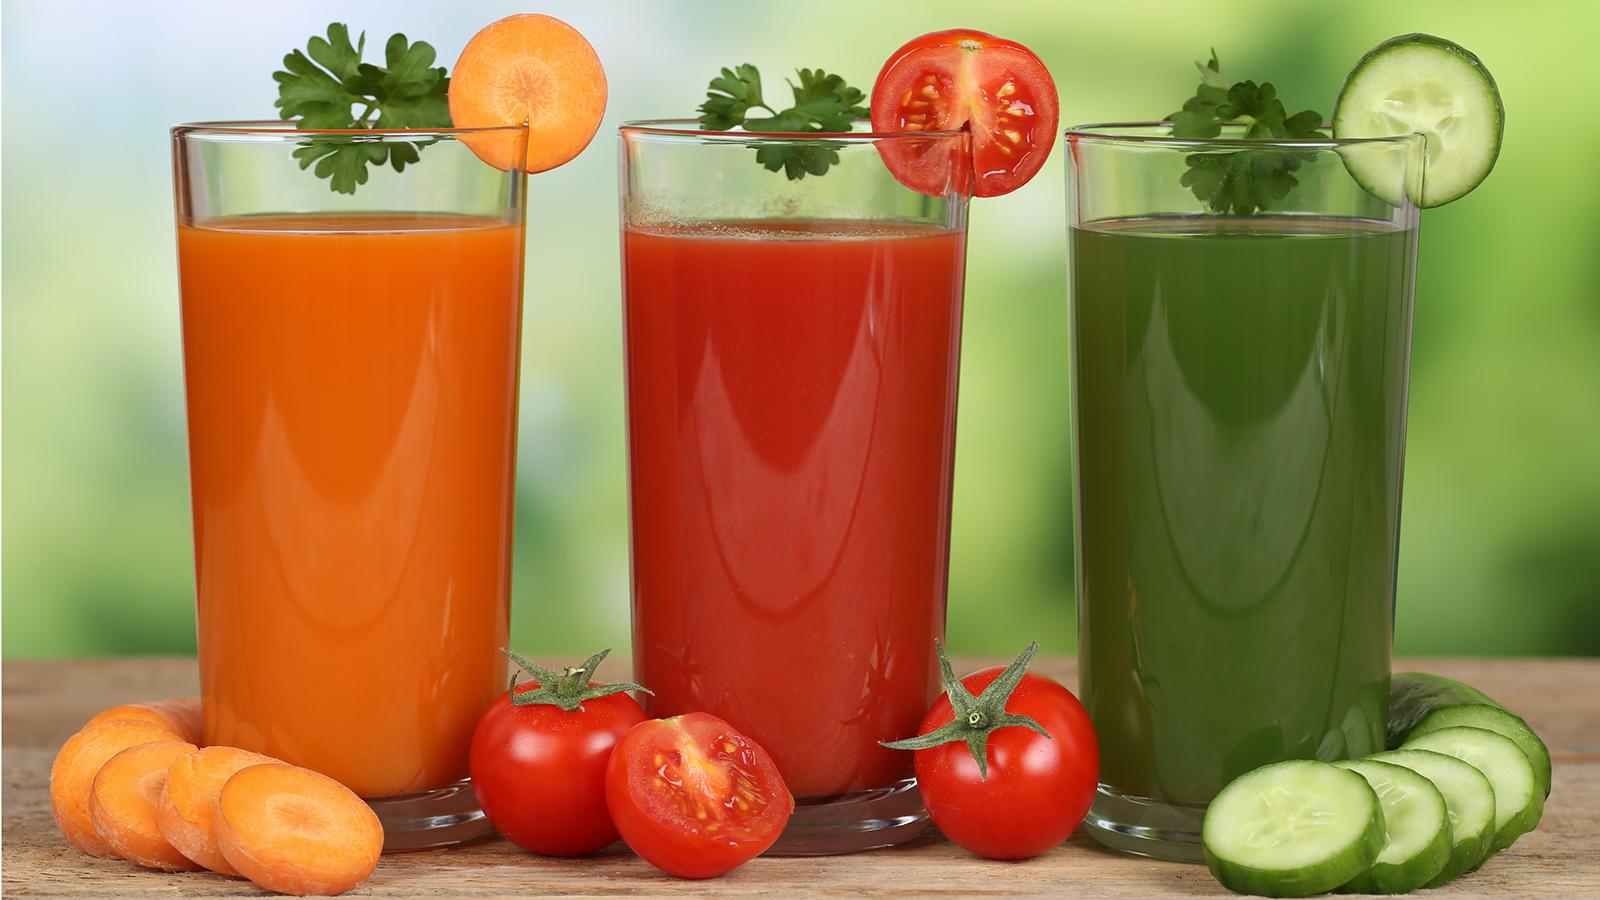 糖質が少ない野菜ジュースランキング!糖質制限中におすすめの野菜ジュースと飲み方は?